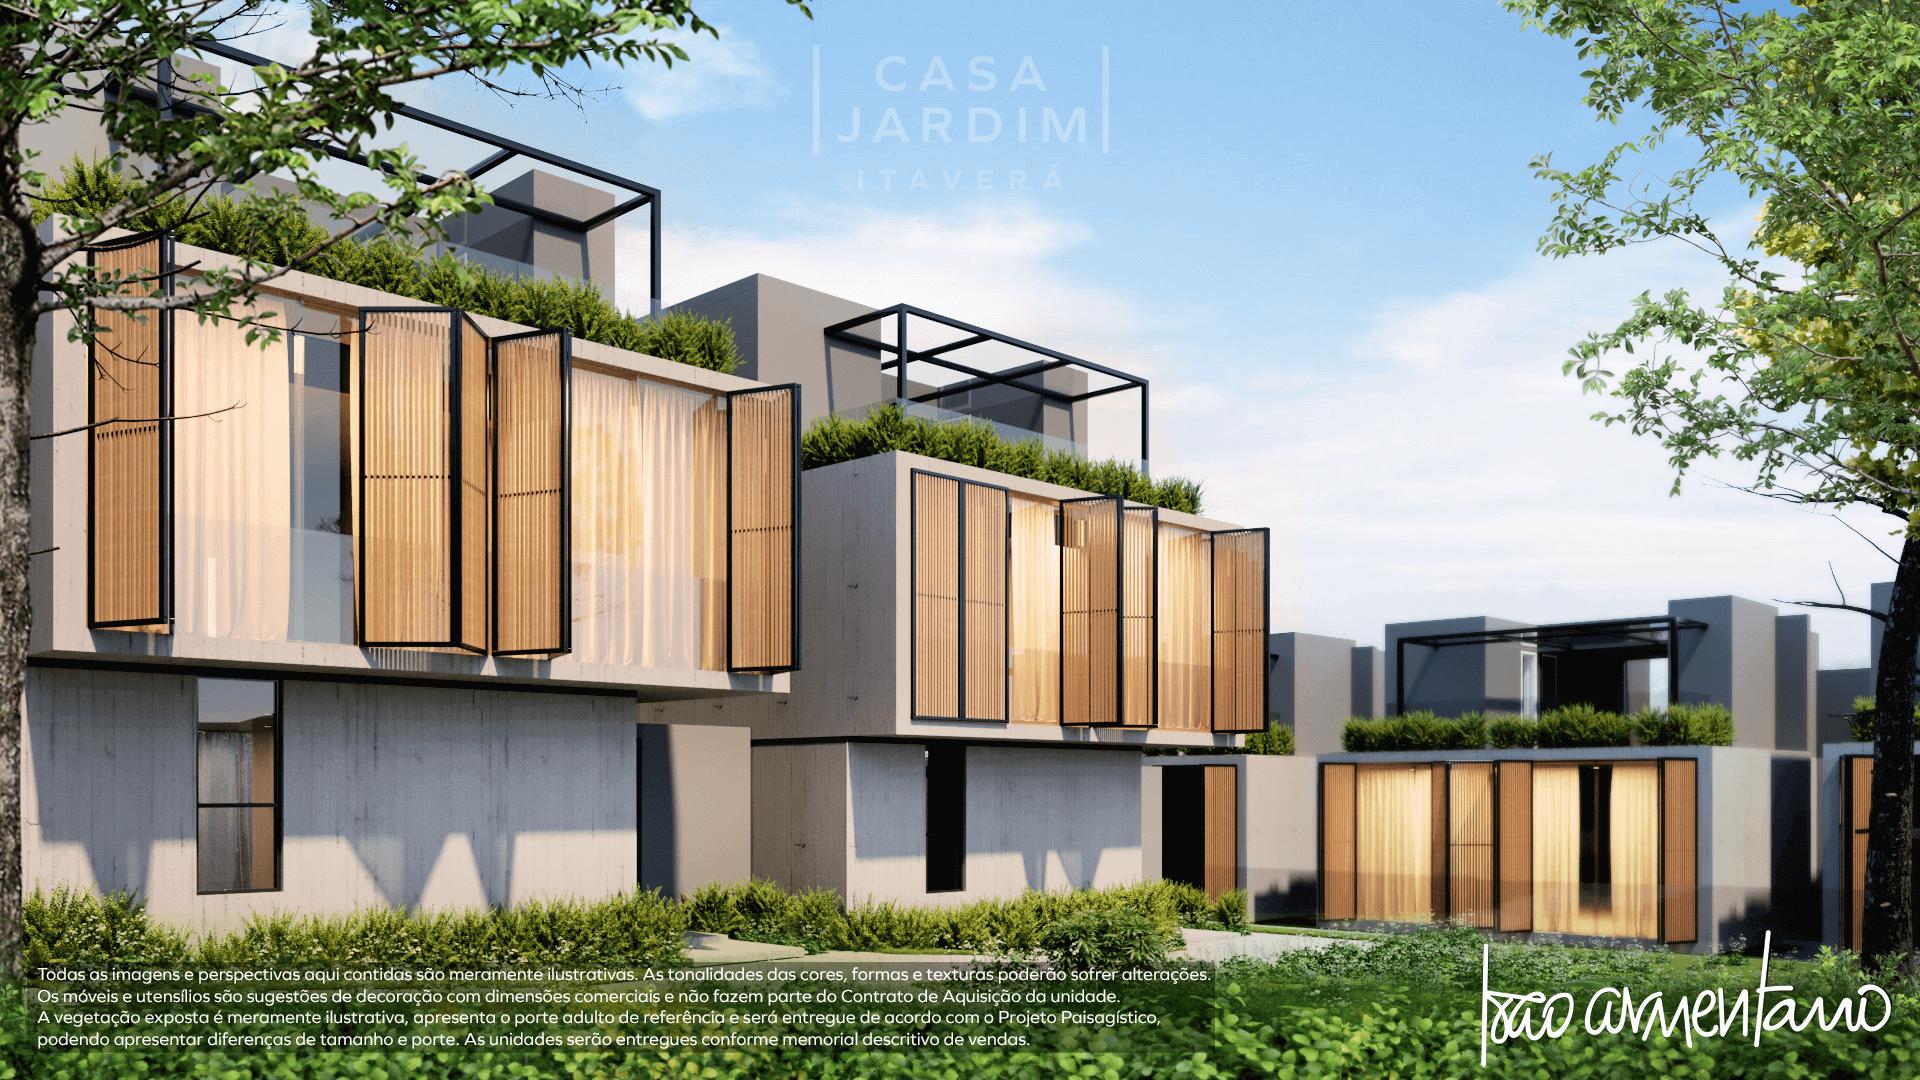 Casa Jardim Itaverá - Atendimento Especializado (11) 4116-9995 | 98026-0864